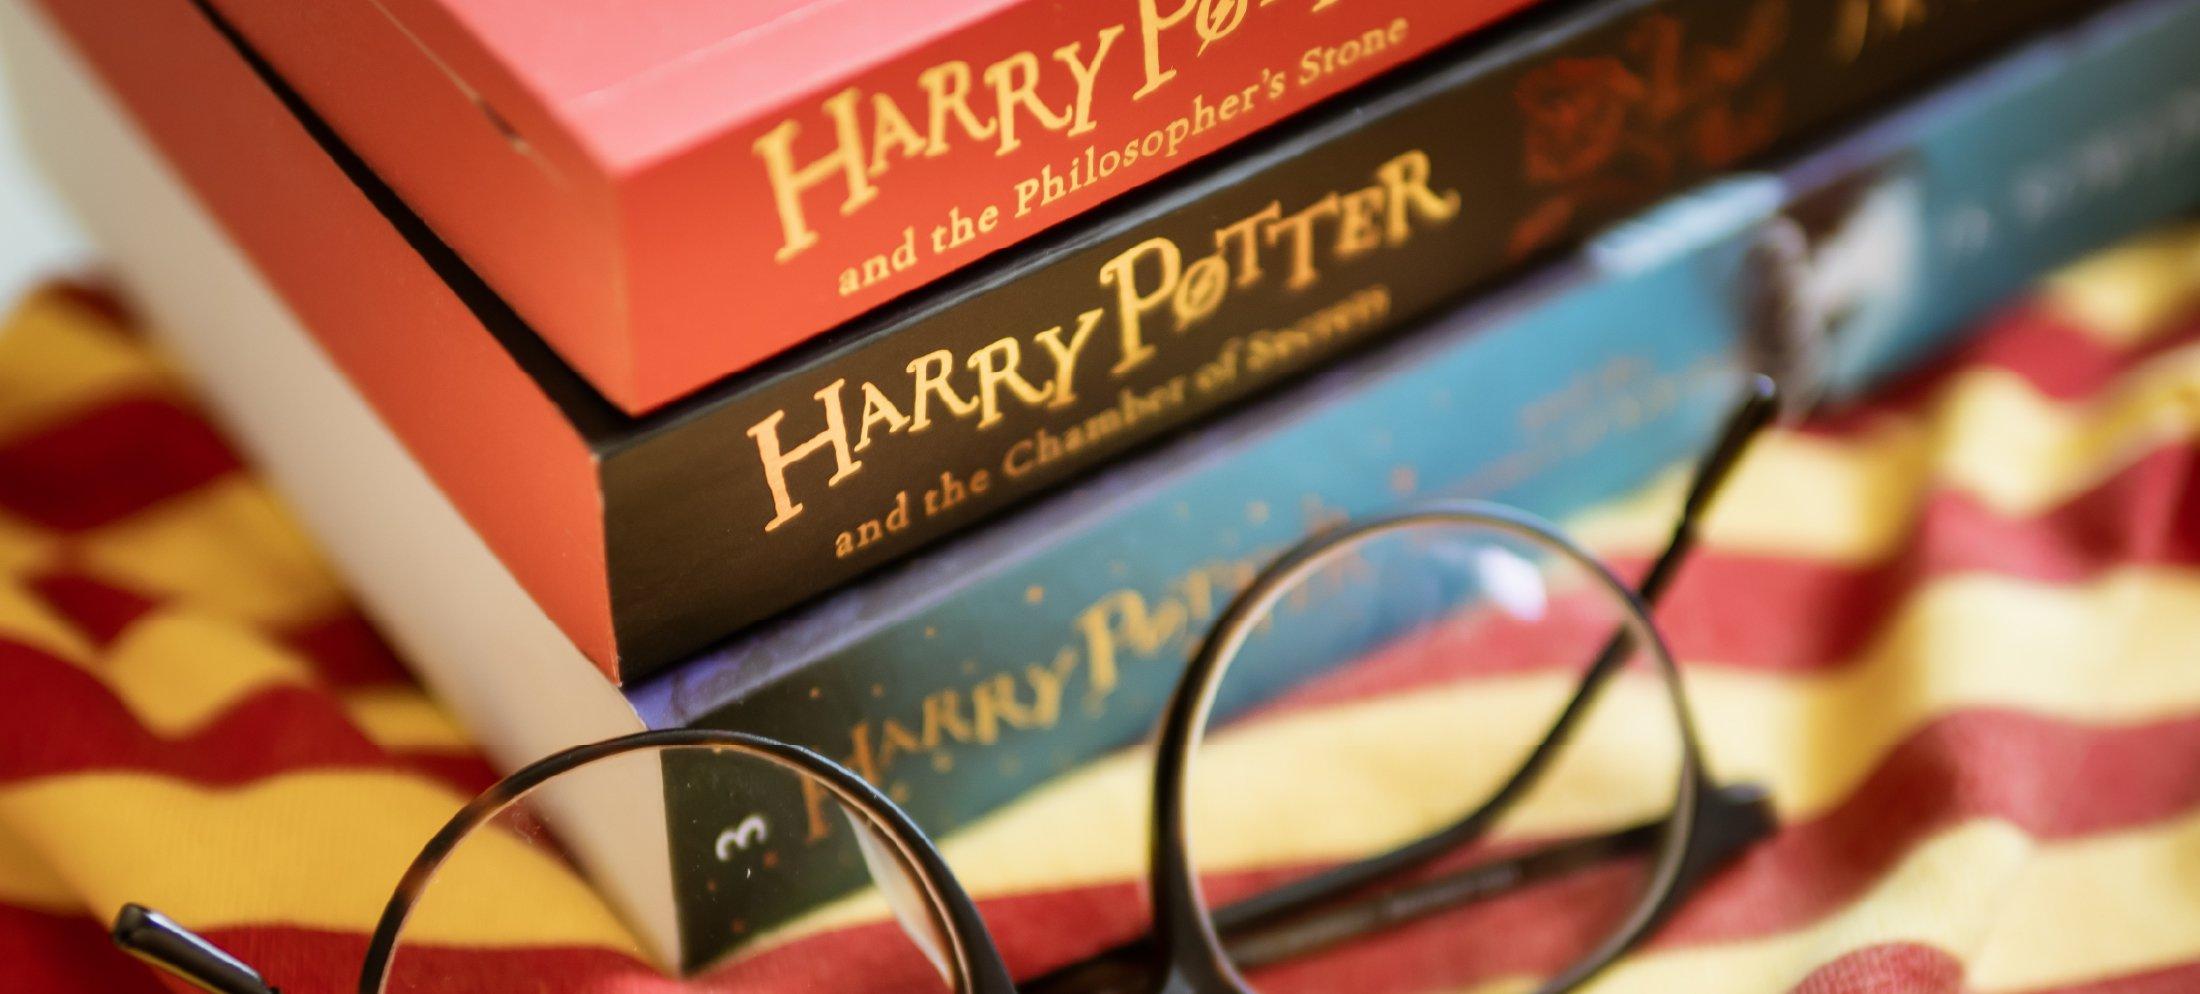 Collezione Harry Potter